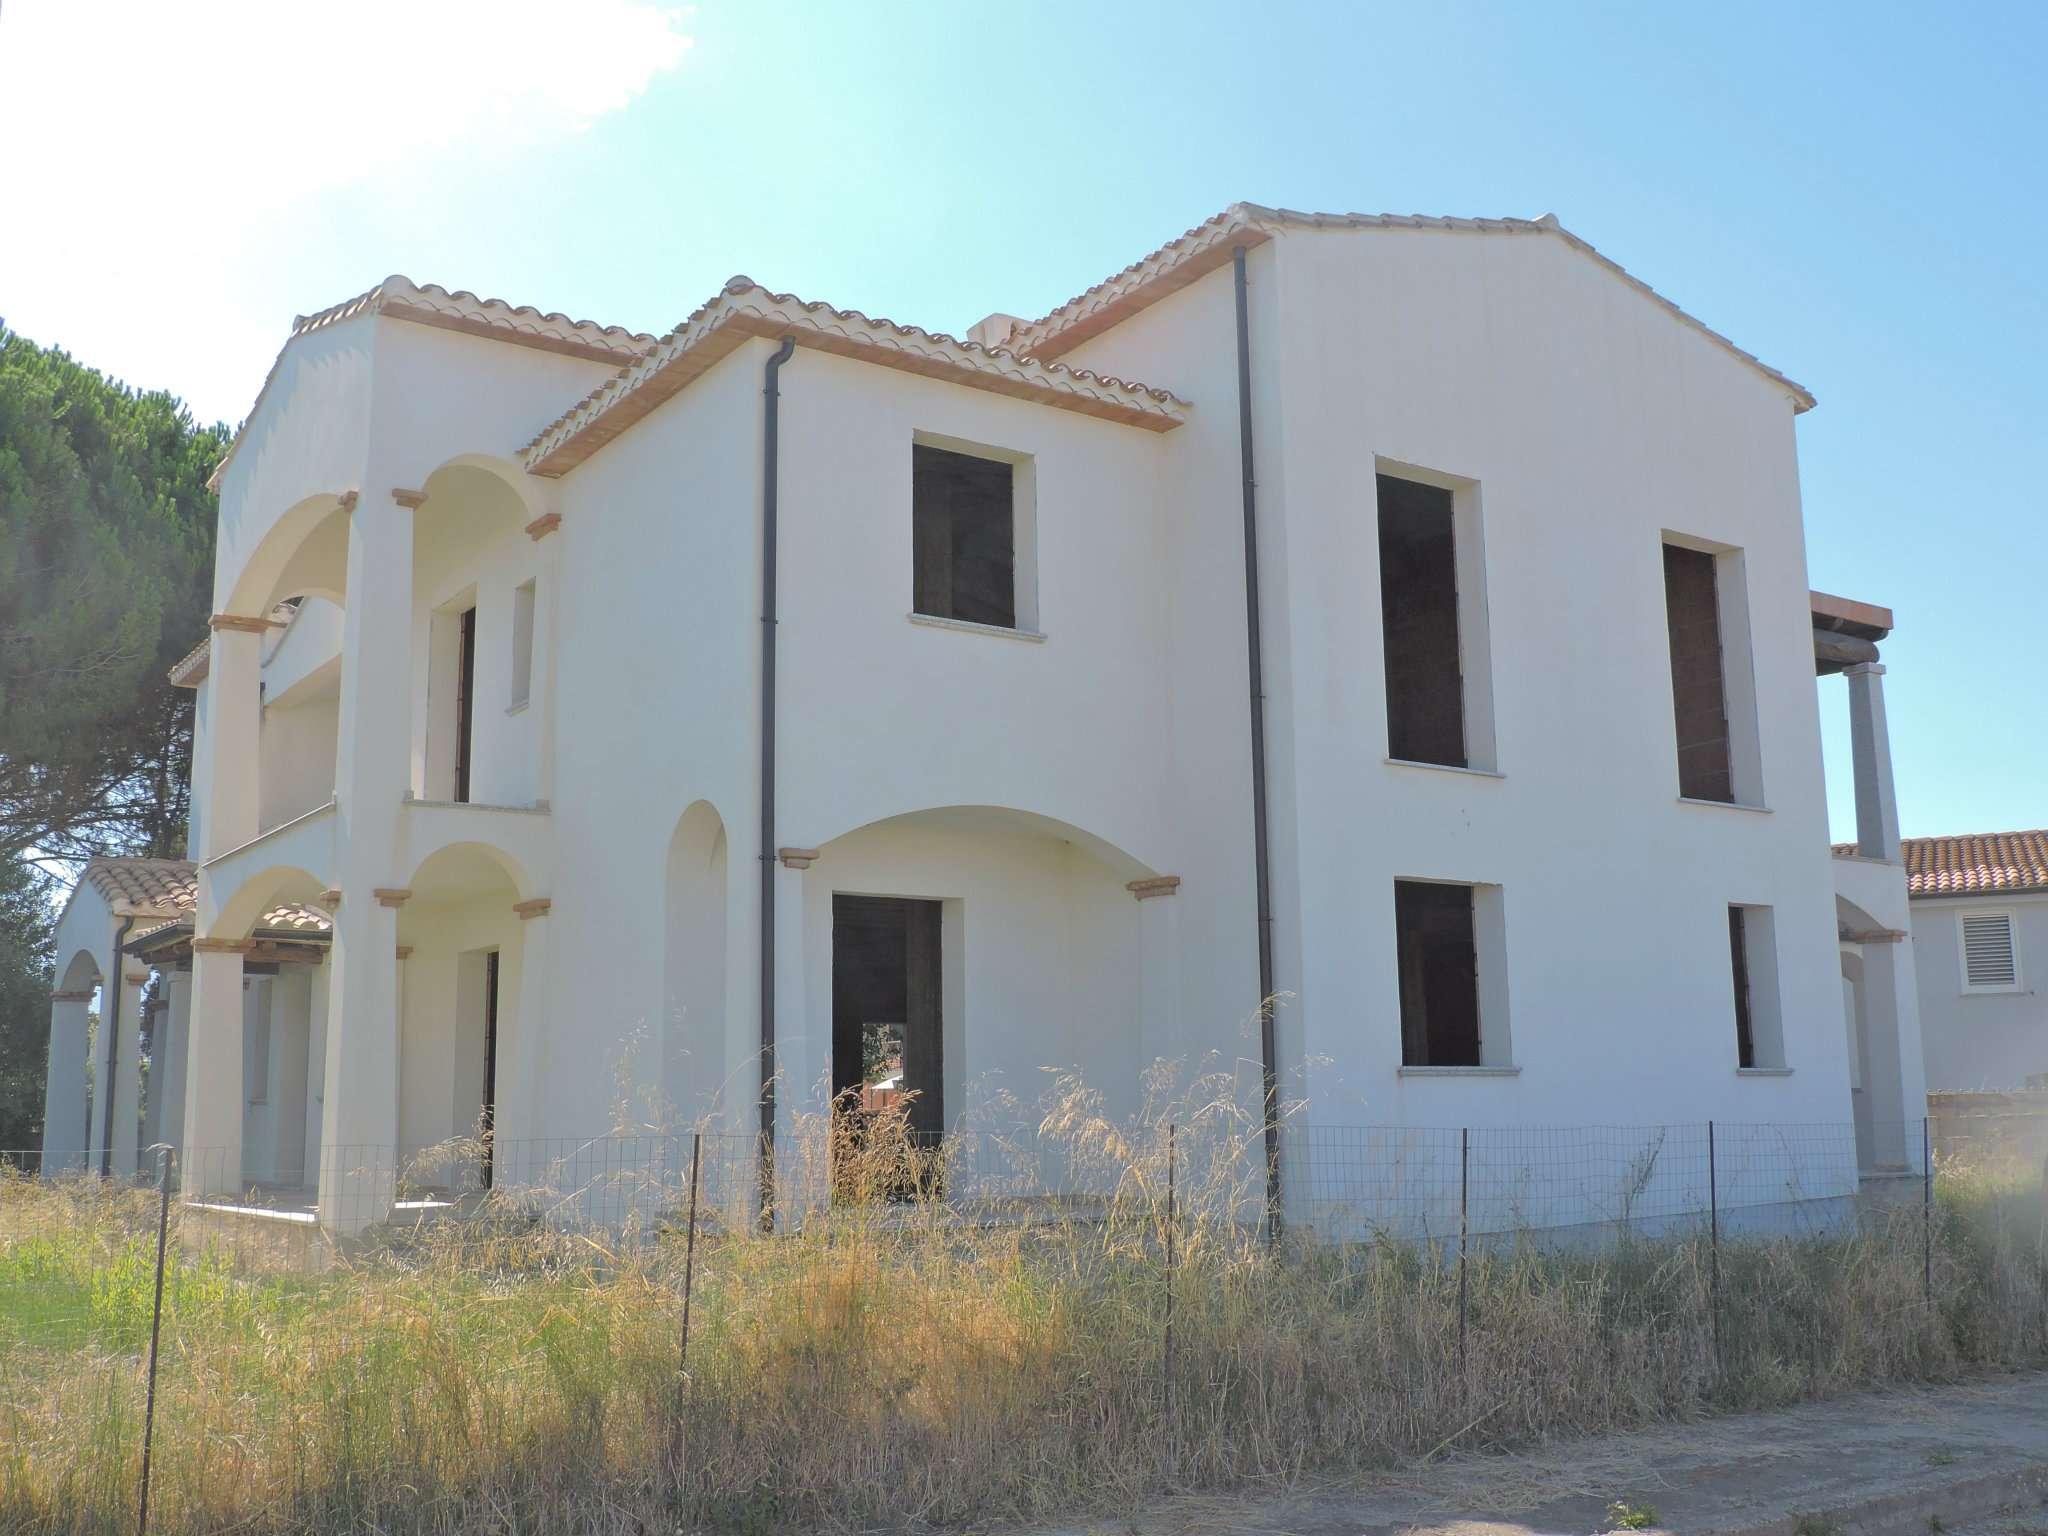 Palazzo / Stabile in vendita a Tortolì, 20 locali, prezzo € 400.000 | CambioCasa.it